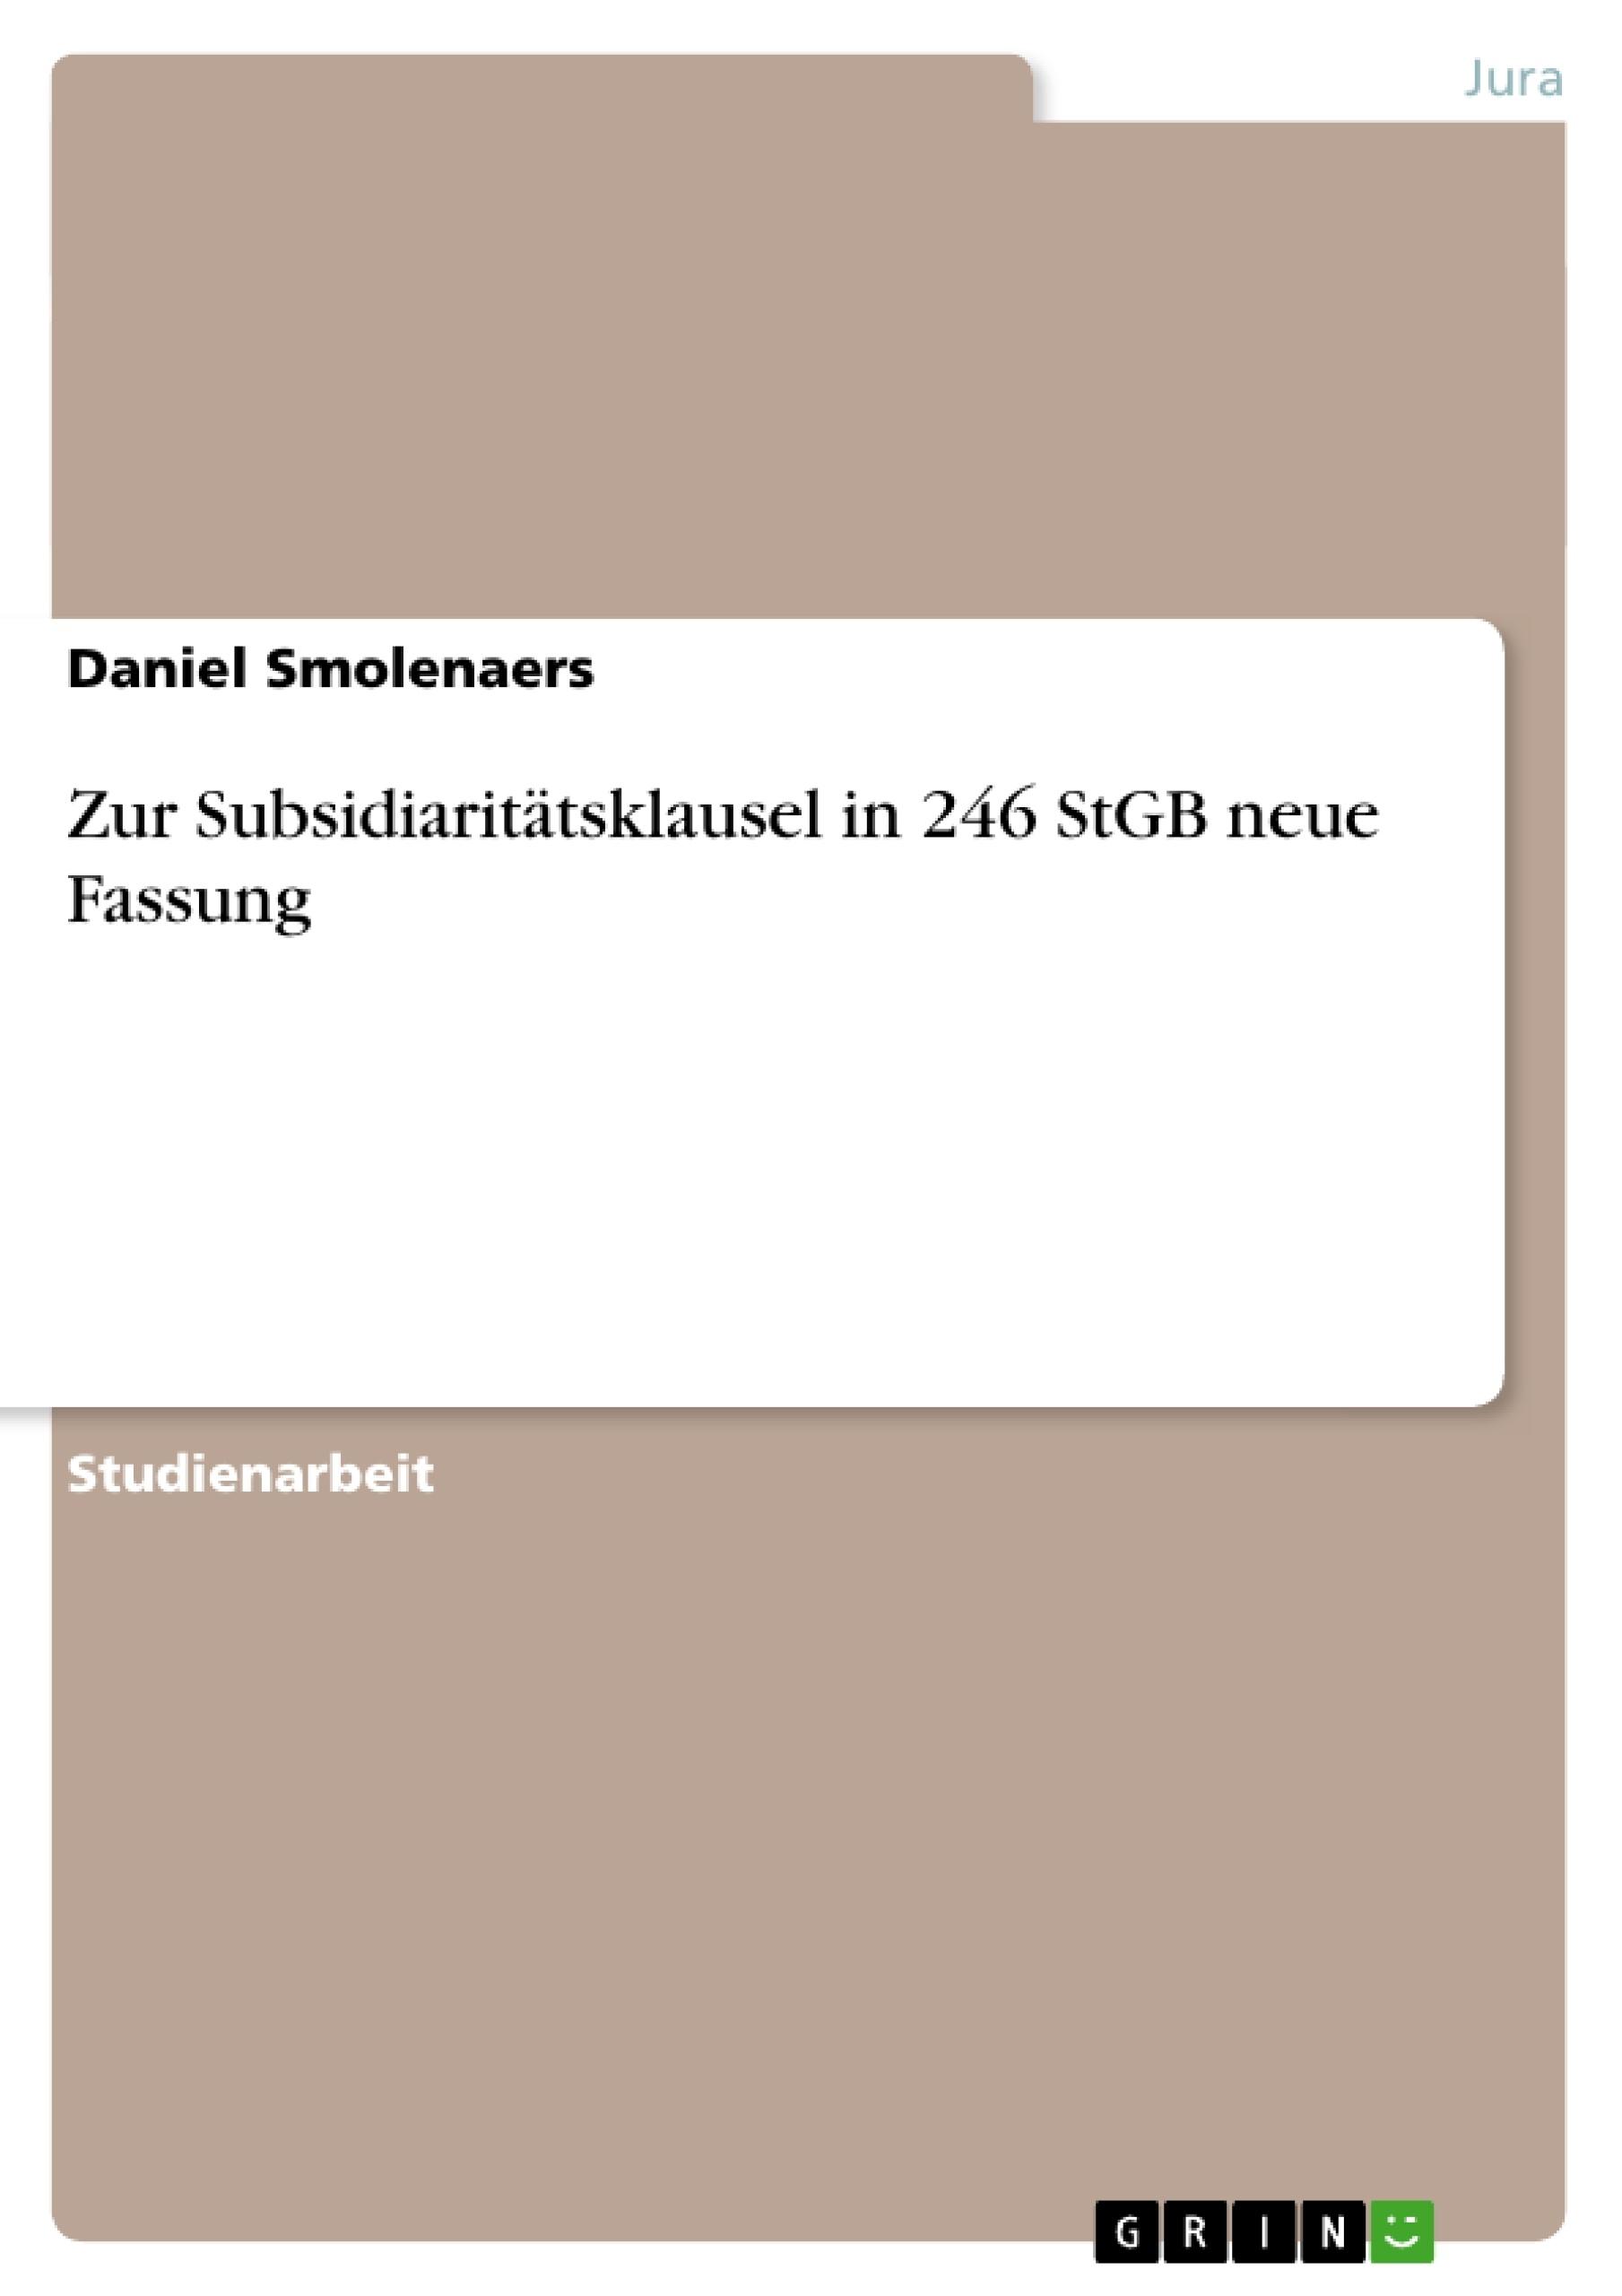 Titel: Zur Subsidiaritätsklausel in 246 StGB neue Fassung